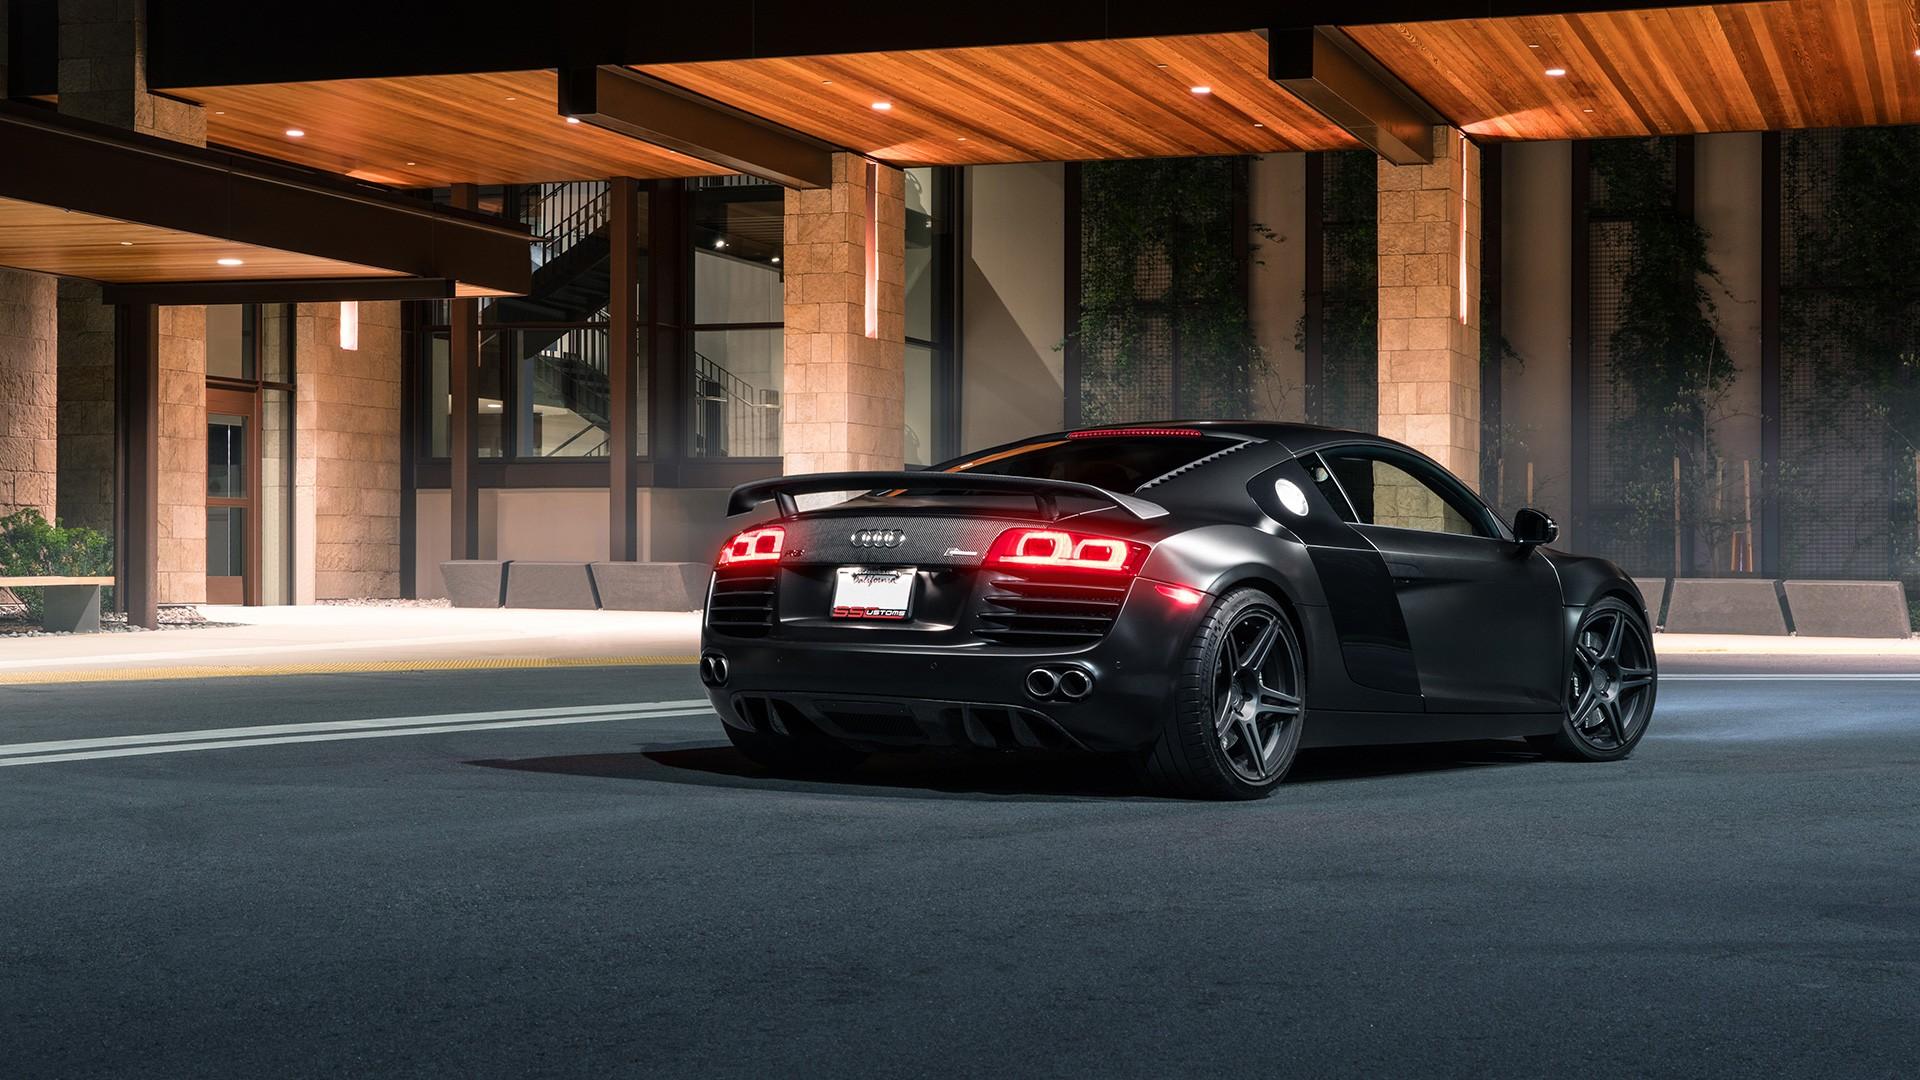 Matte Black Bmw >> Audi R8 SS Customs Wallpaper | HD Car Wallpapers | ID #6518